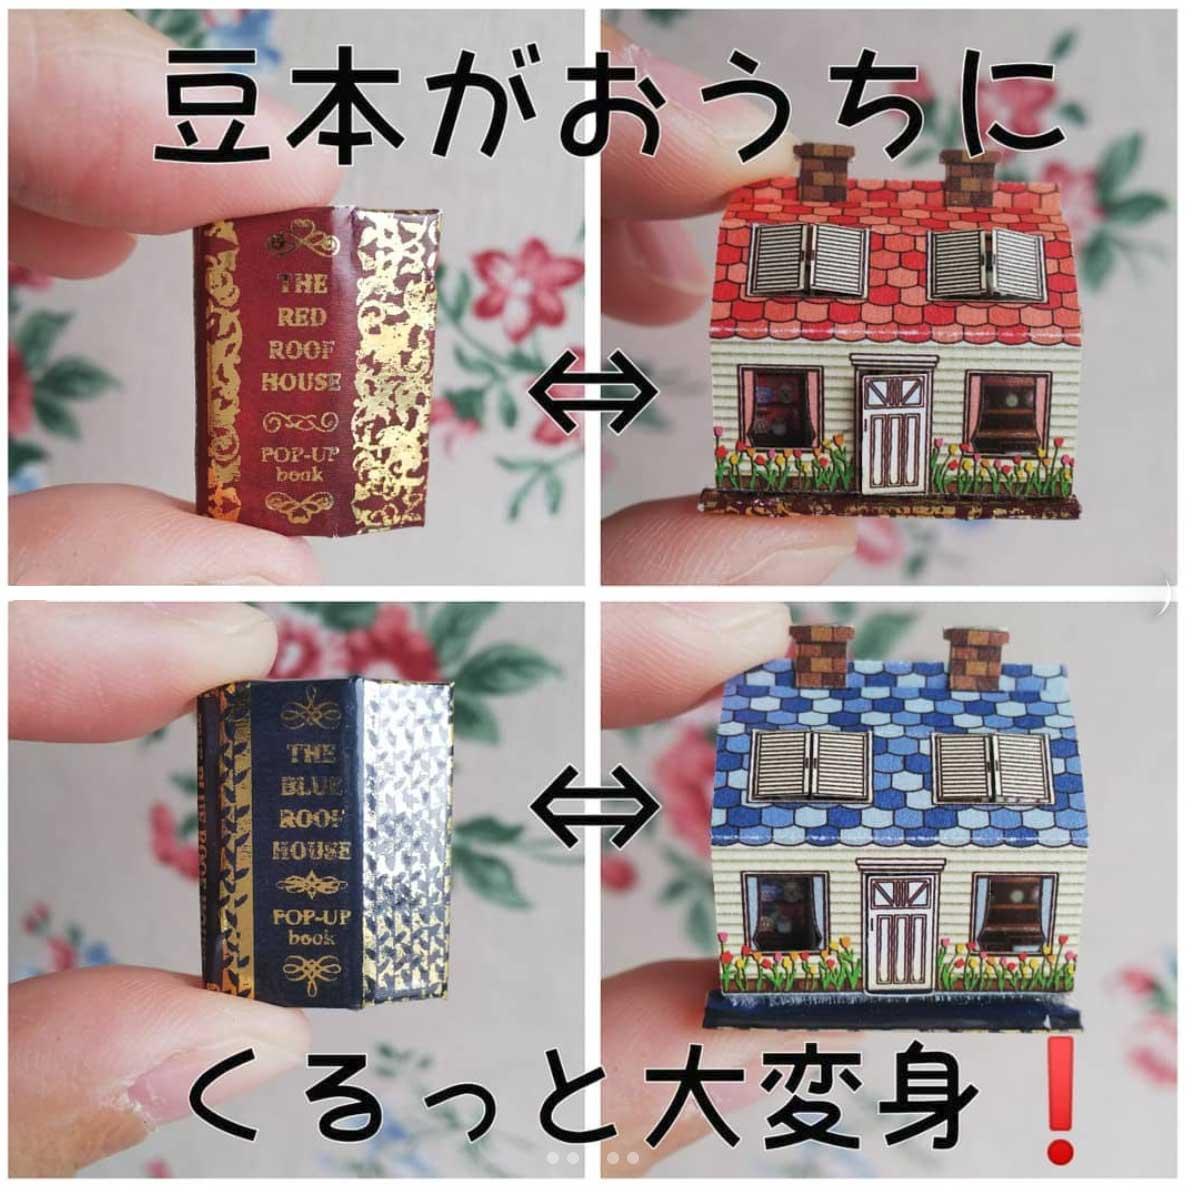 Miniatur-Pop-up-Bücher von Zhihui miniatur-pop-up-buecher-Zhihui_06